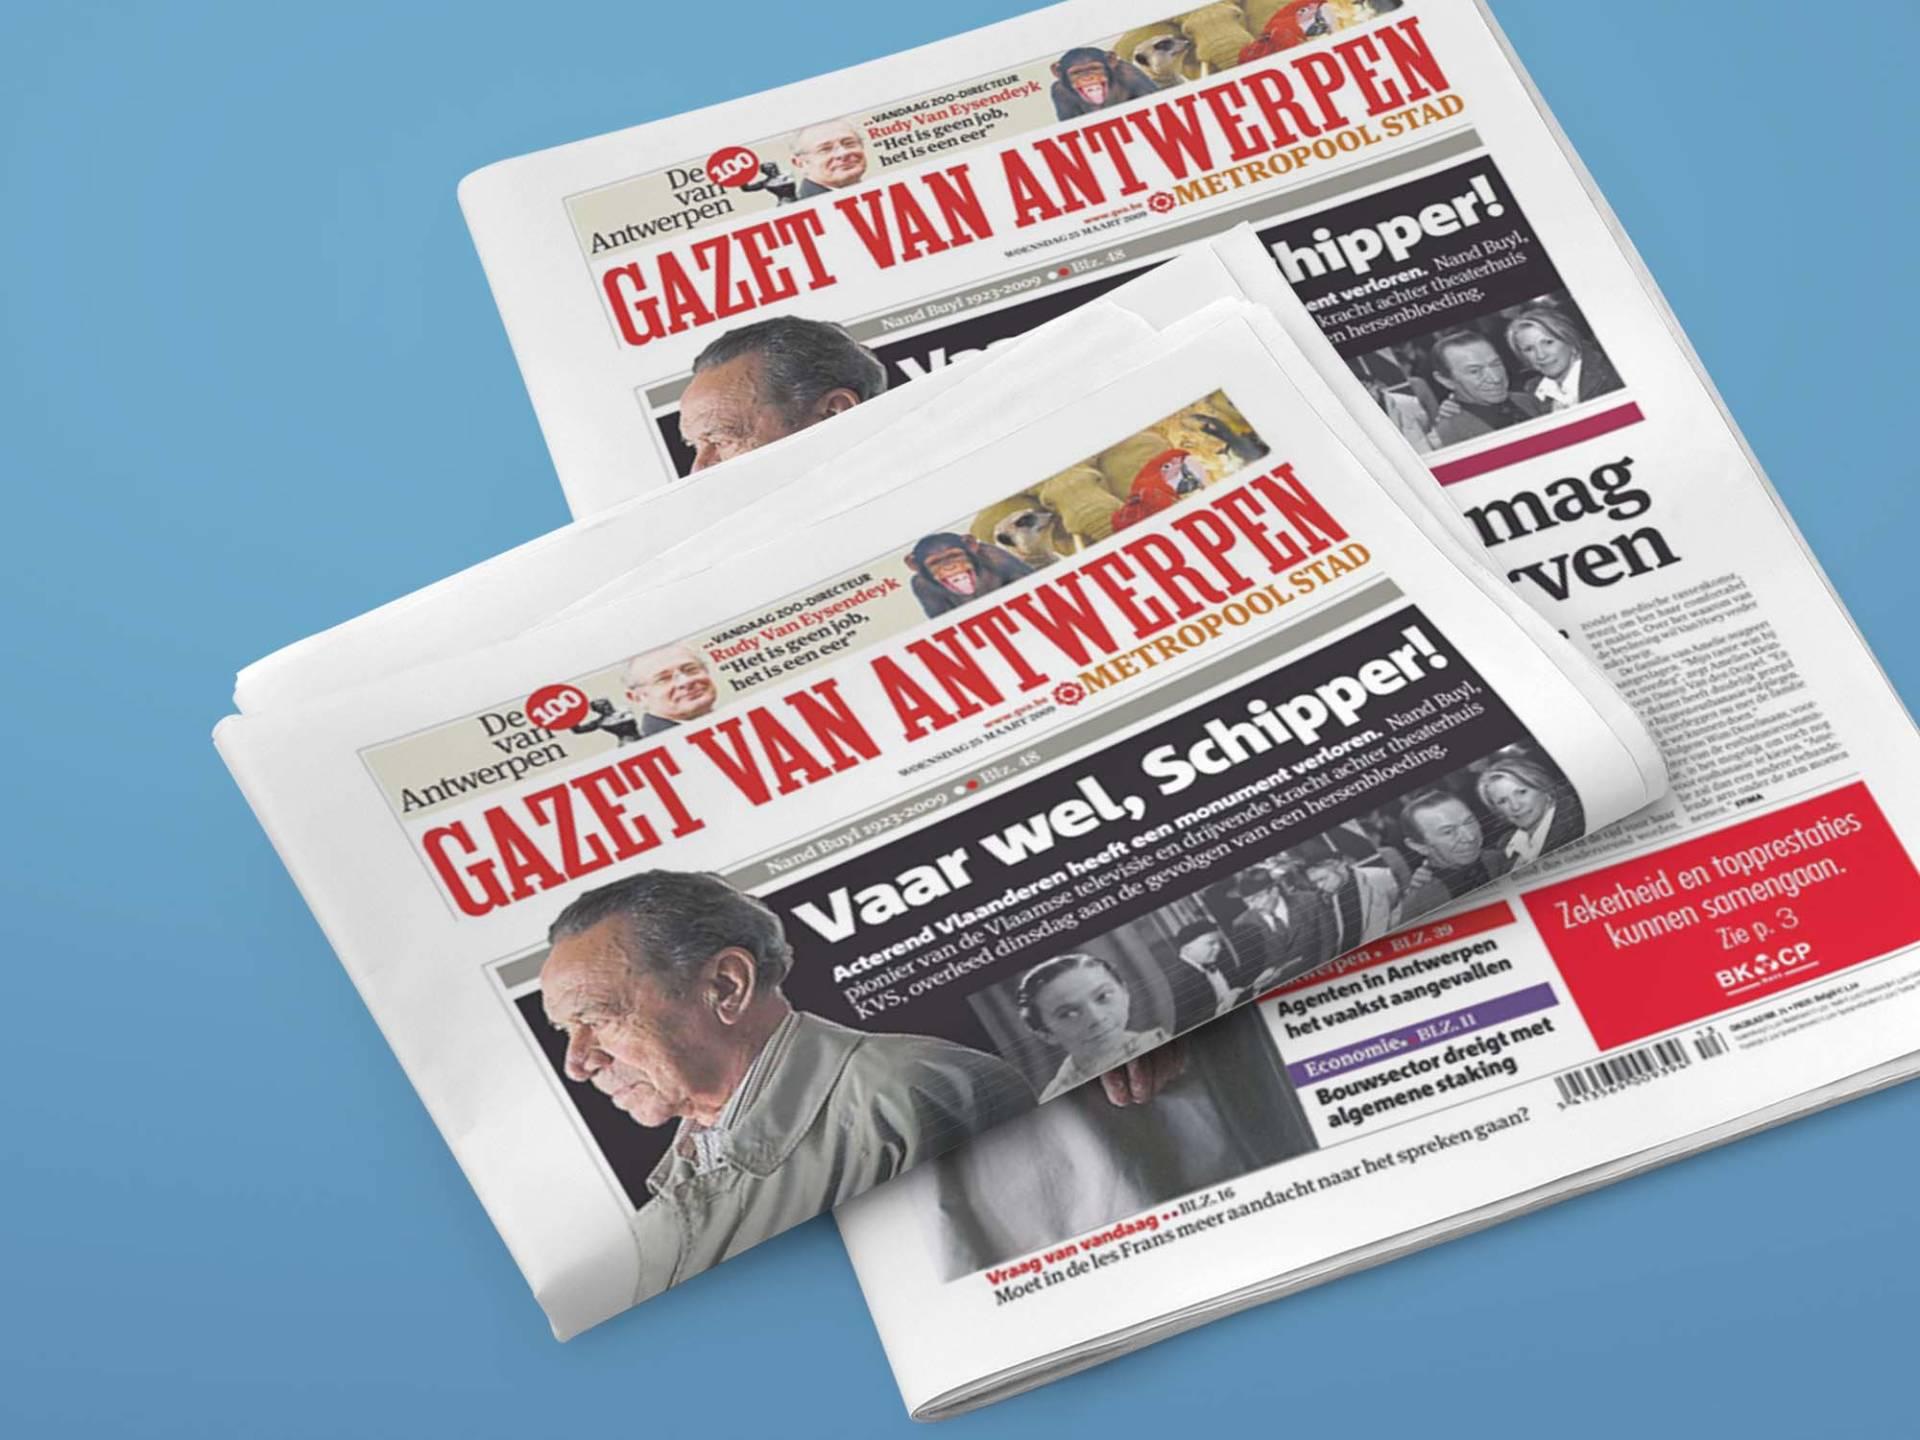 Gazet_Van_Antwerpen_01_Wenceslau_News_Design